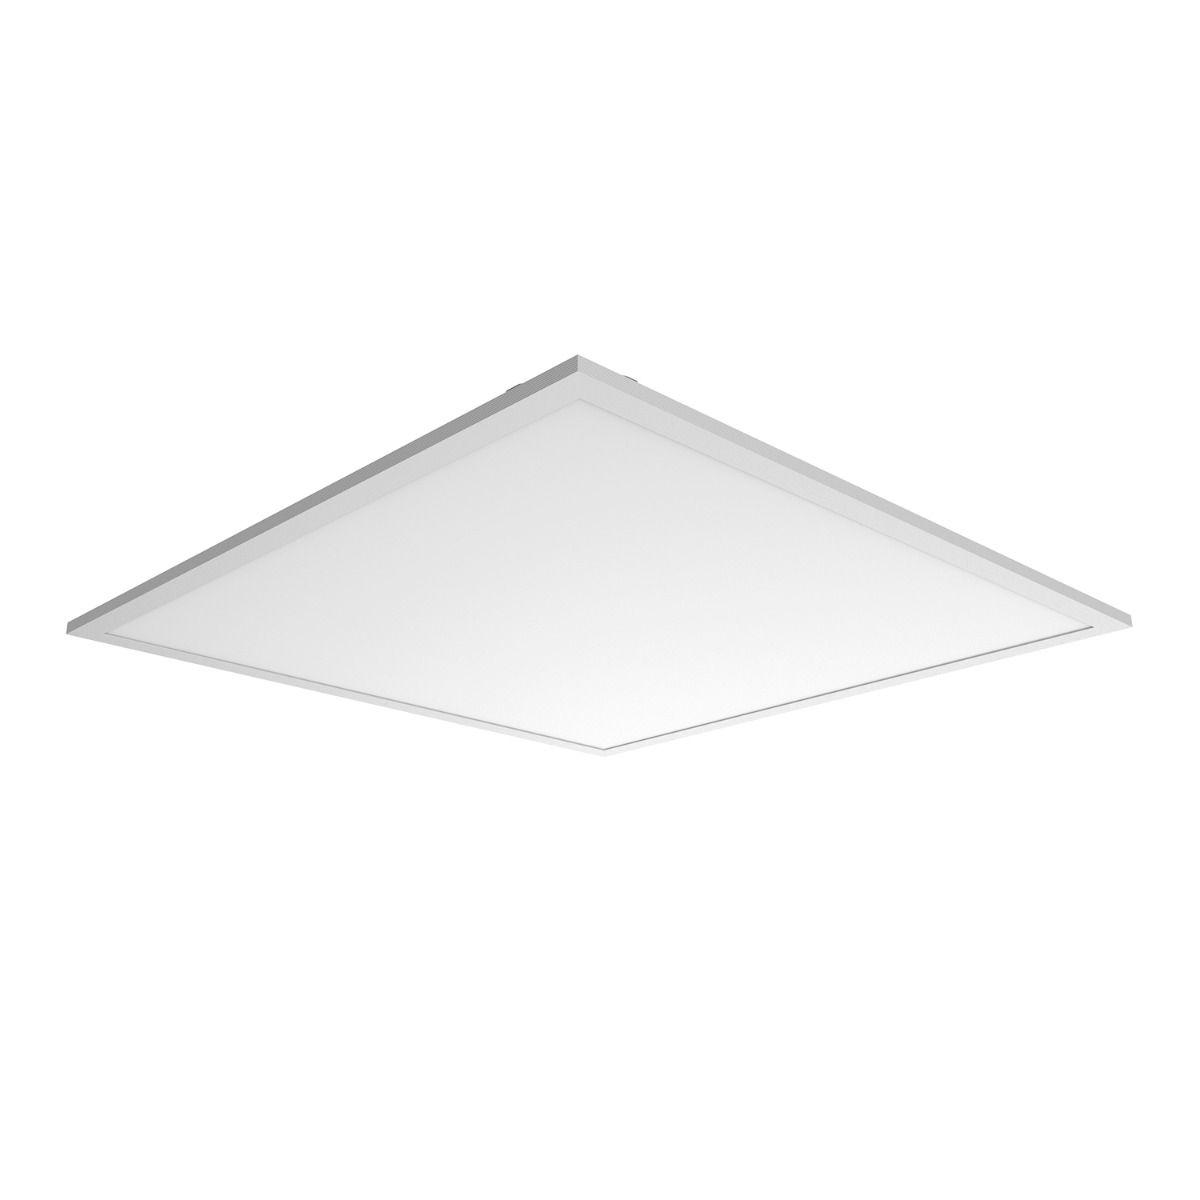 Noxion LED panel Delta Pro V3 30W 3000K 3960lm 60x60cm UGR <22 | varm hvid - erstatter 4x18W